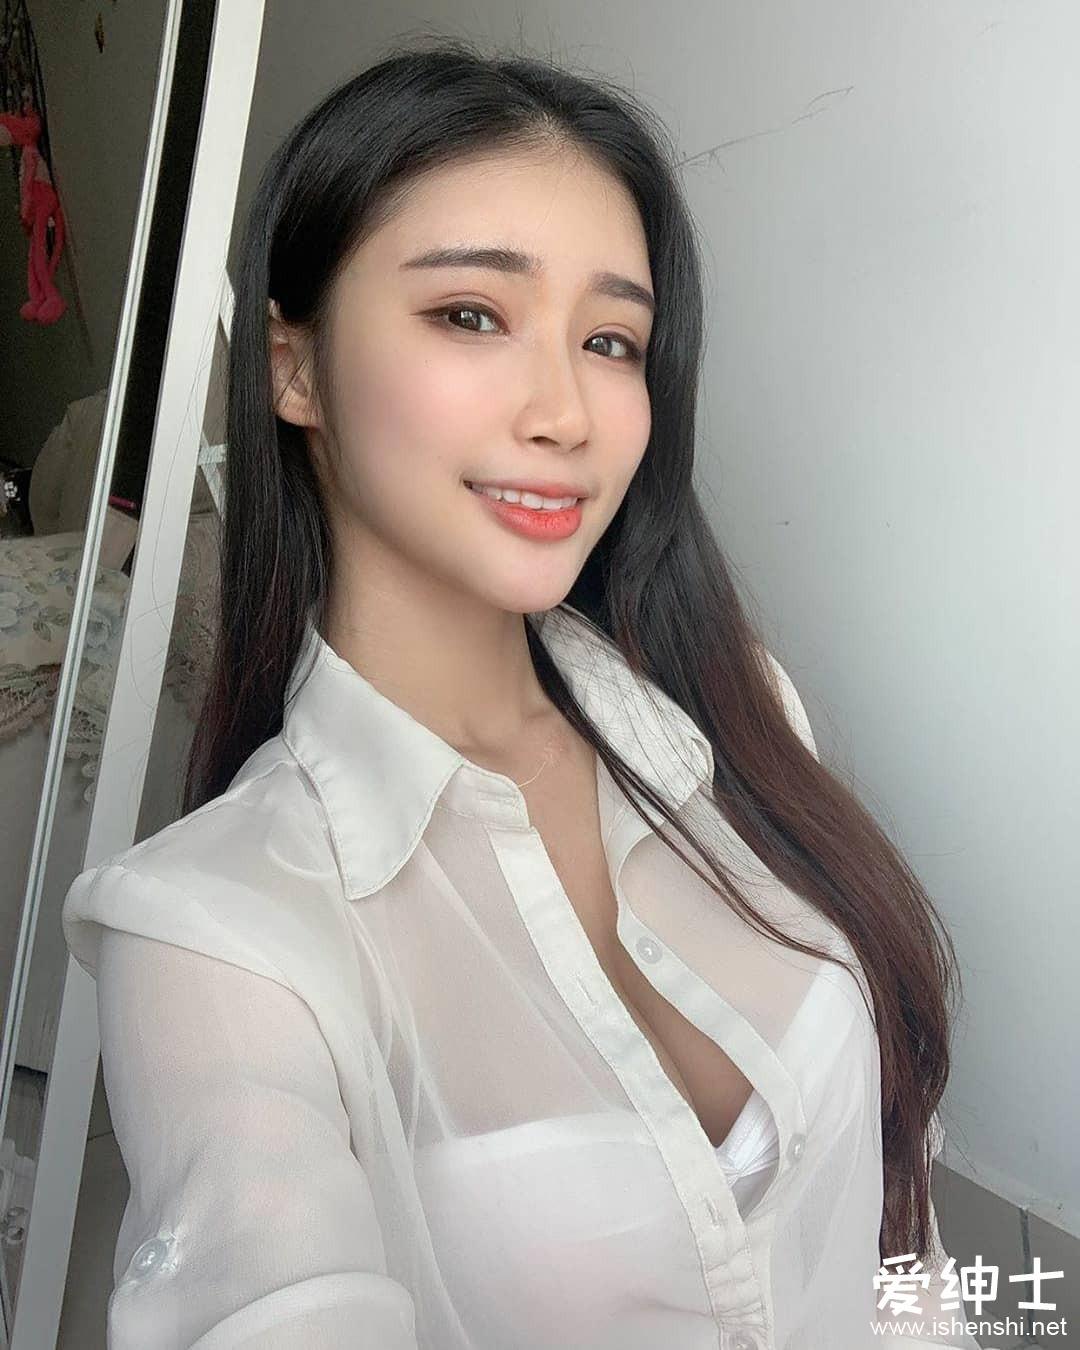 马来西亚女神级妹子「妃妃」性感曲线好妖娆,口罩下的绝美脸蛋美到窒息!